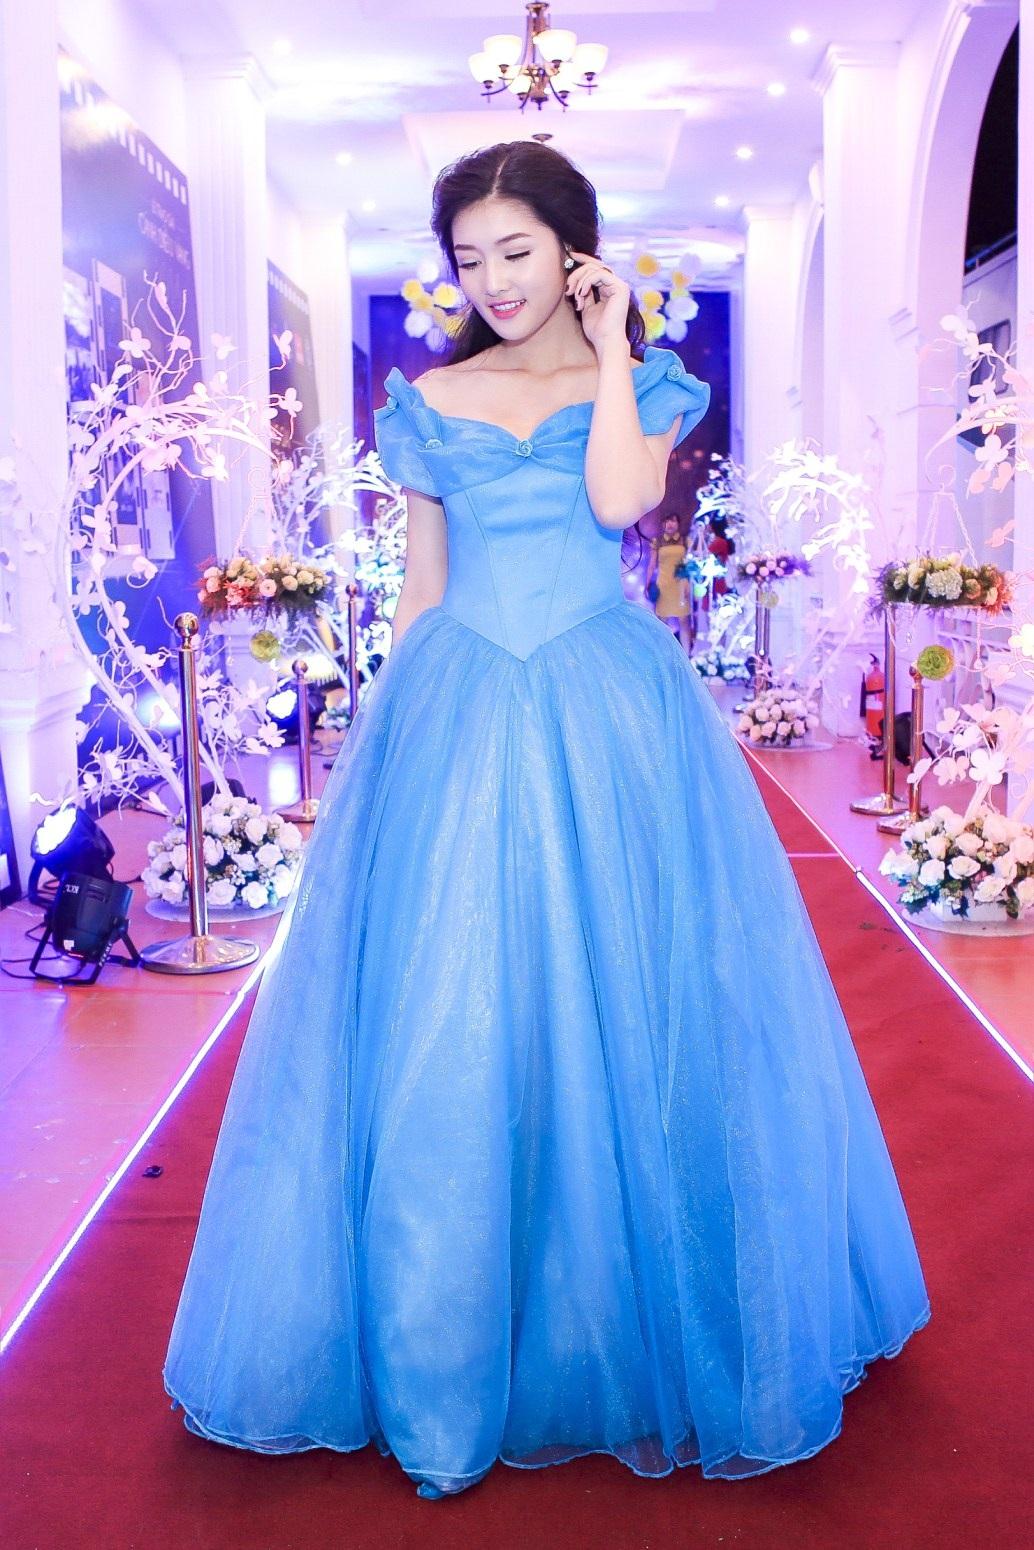 Hoa hậu sinh năm 1992 hiện đã dắt túi cho mình 3 vai diễn trong phim truyền hình